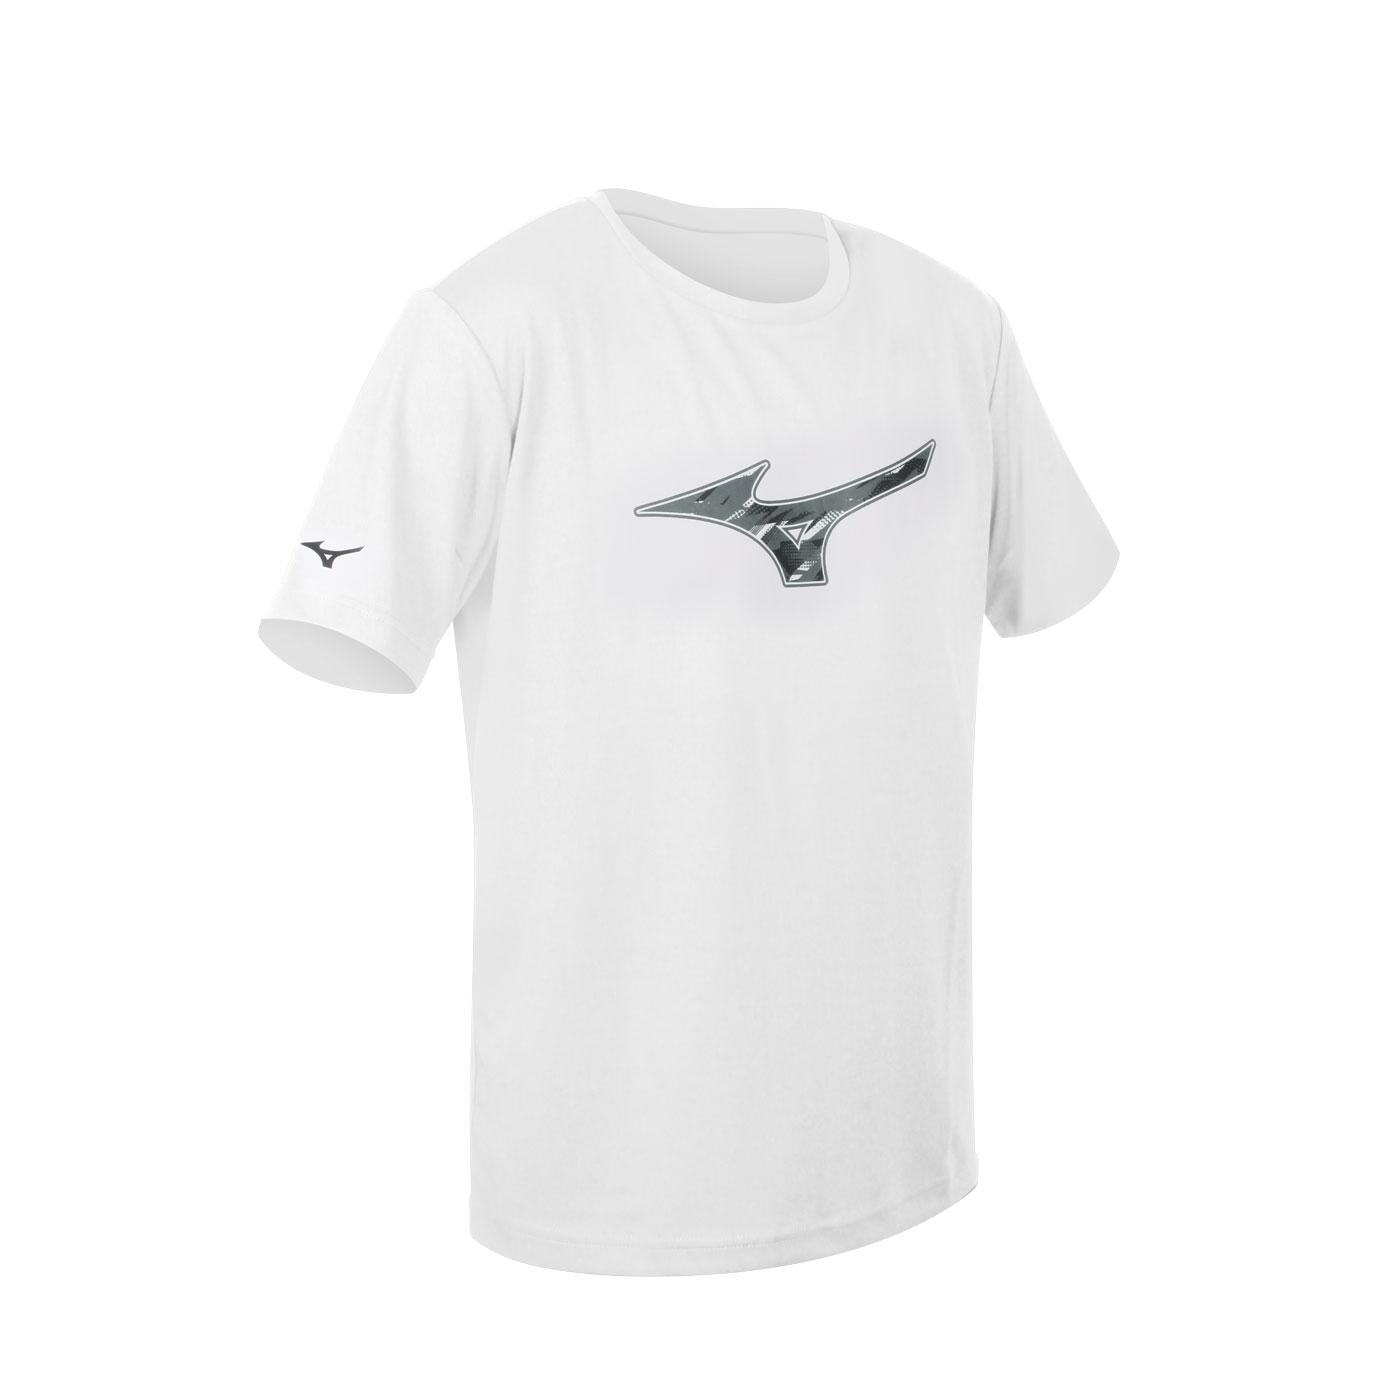 MIZUNO 男款短袖T恤 32TA100501 - 白黑灰